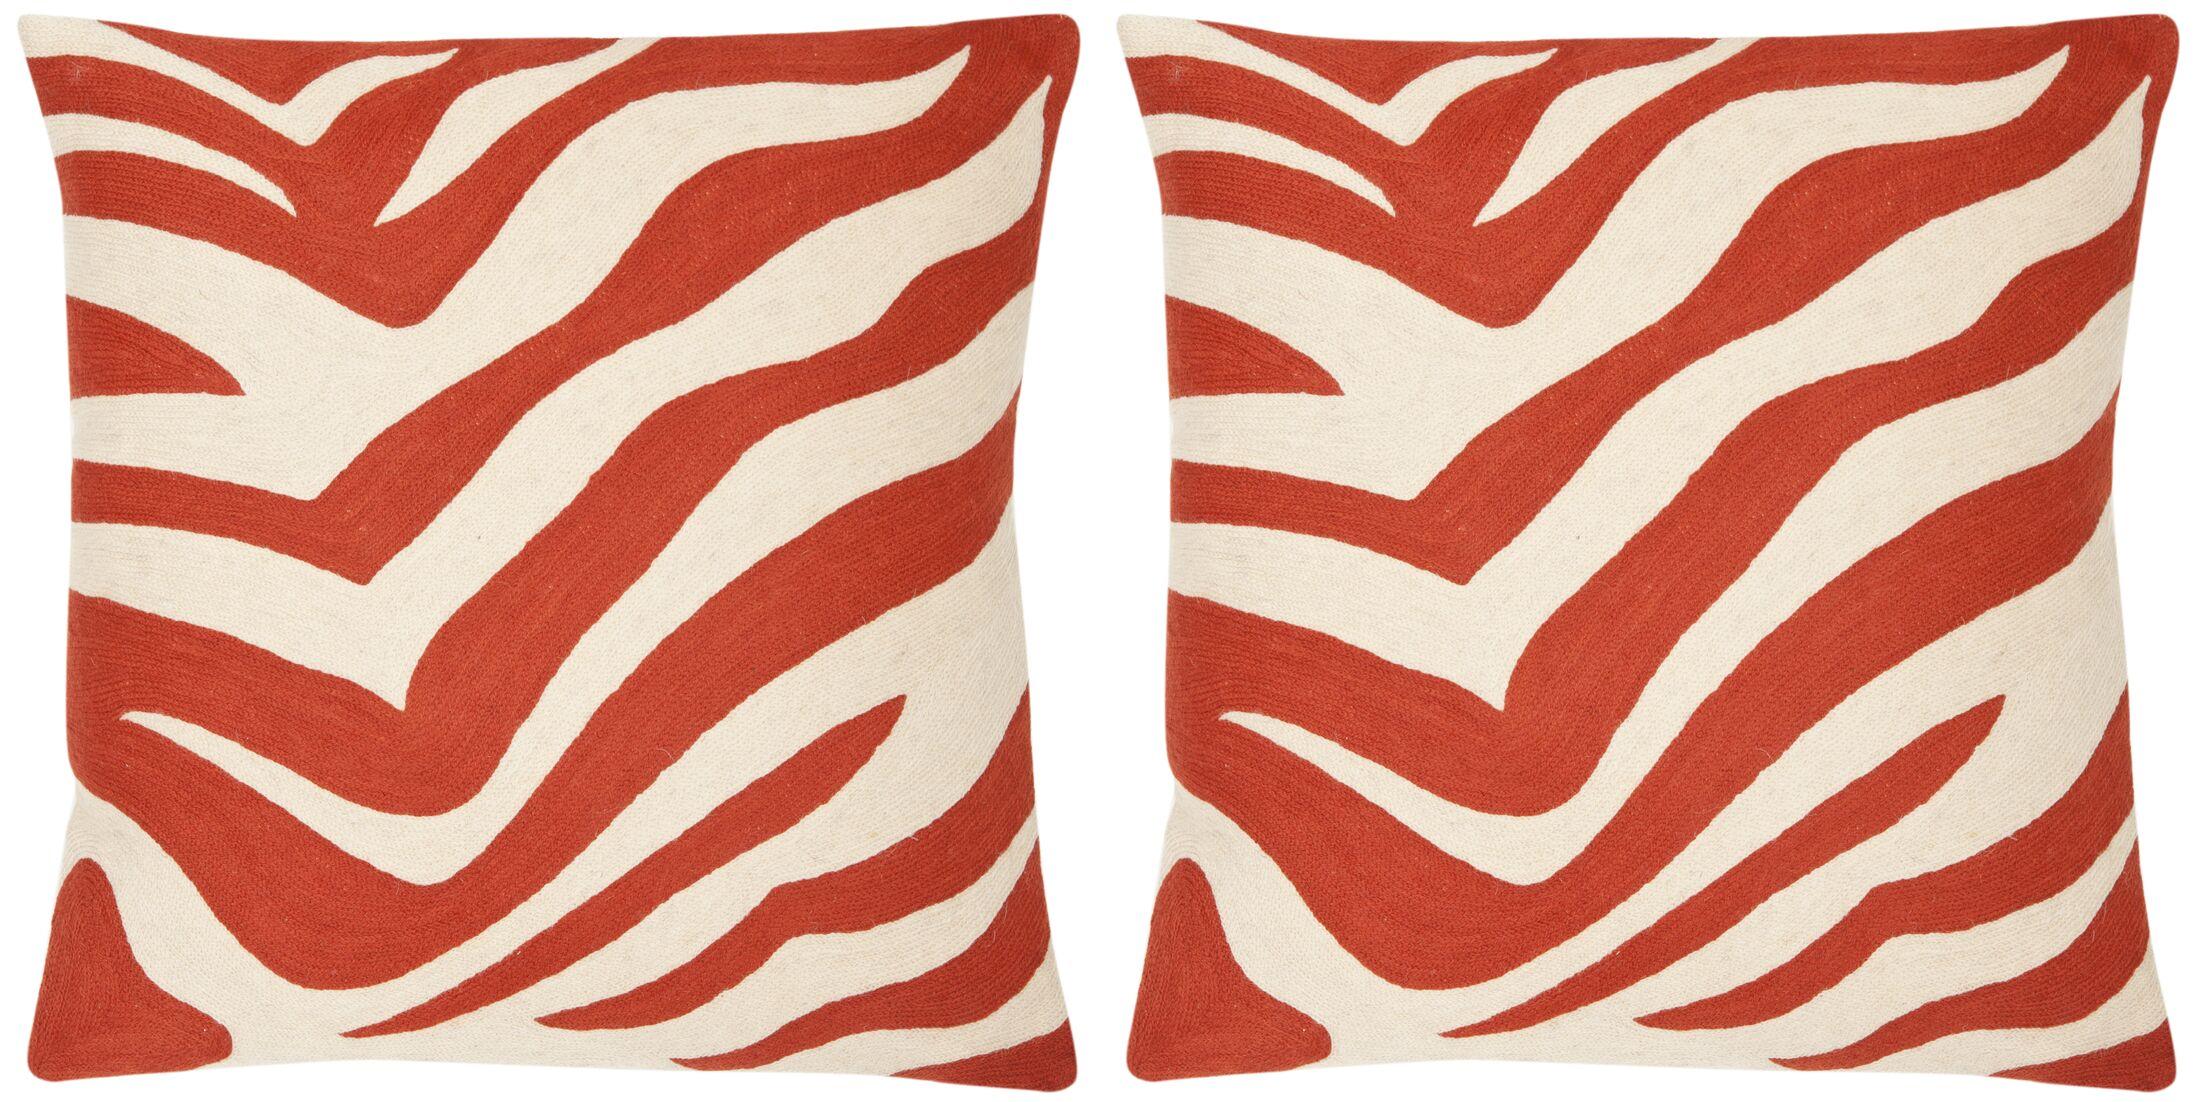 Jourdan Cotton Throw Pillow Color: Orange Sunburst, Size: 22